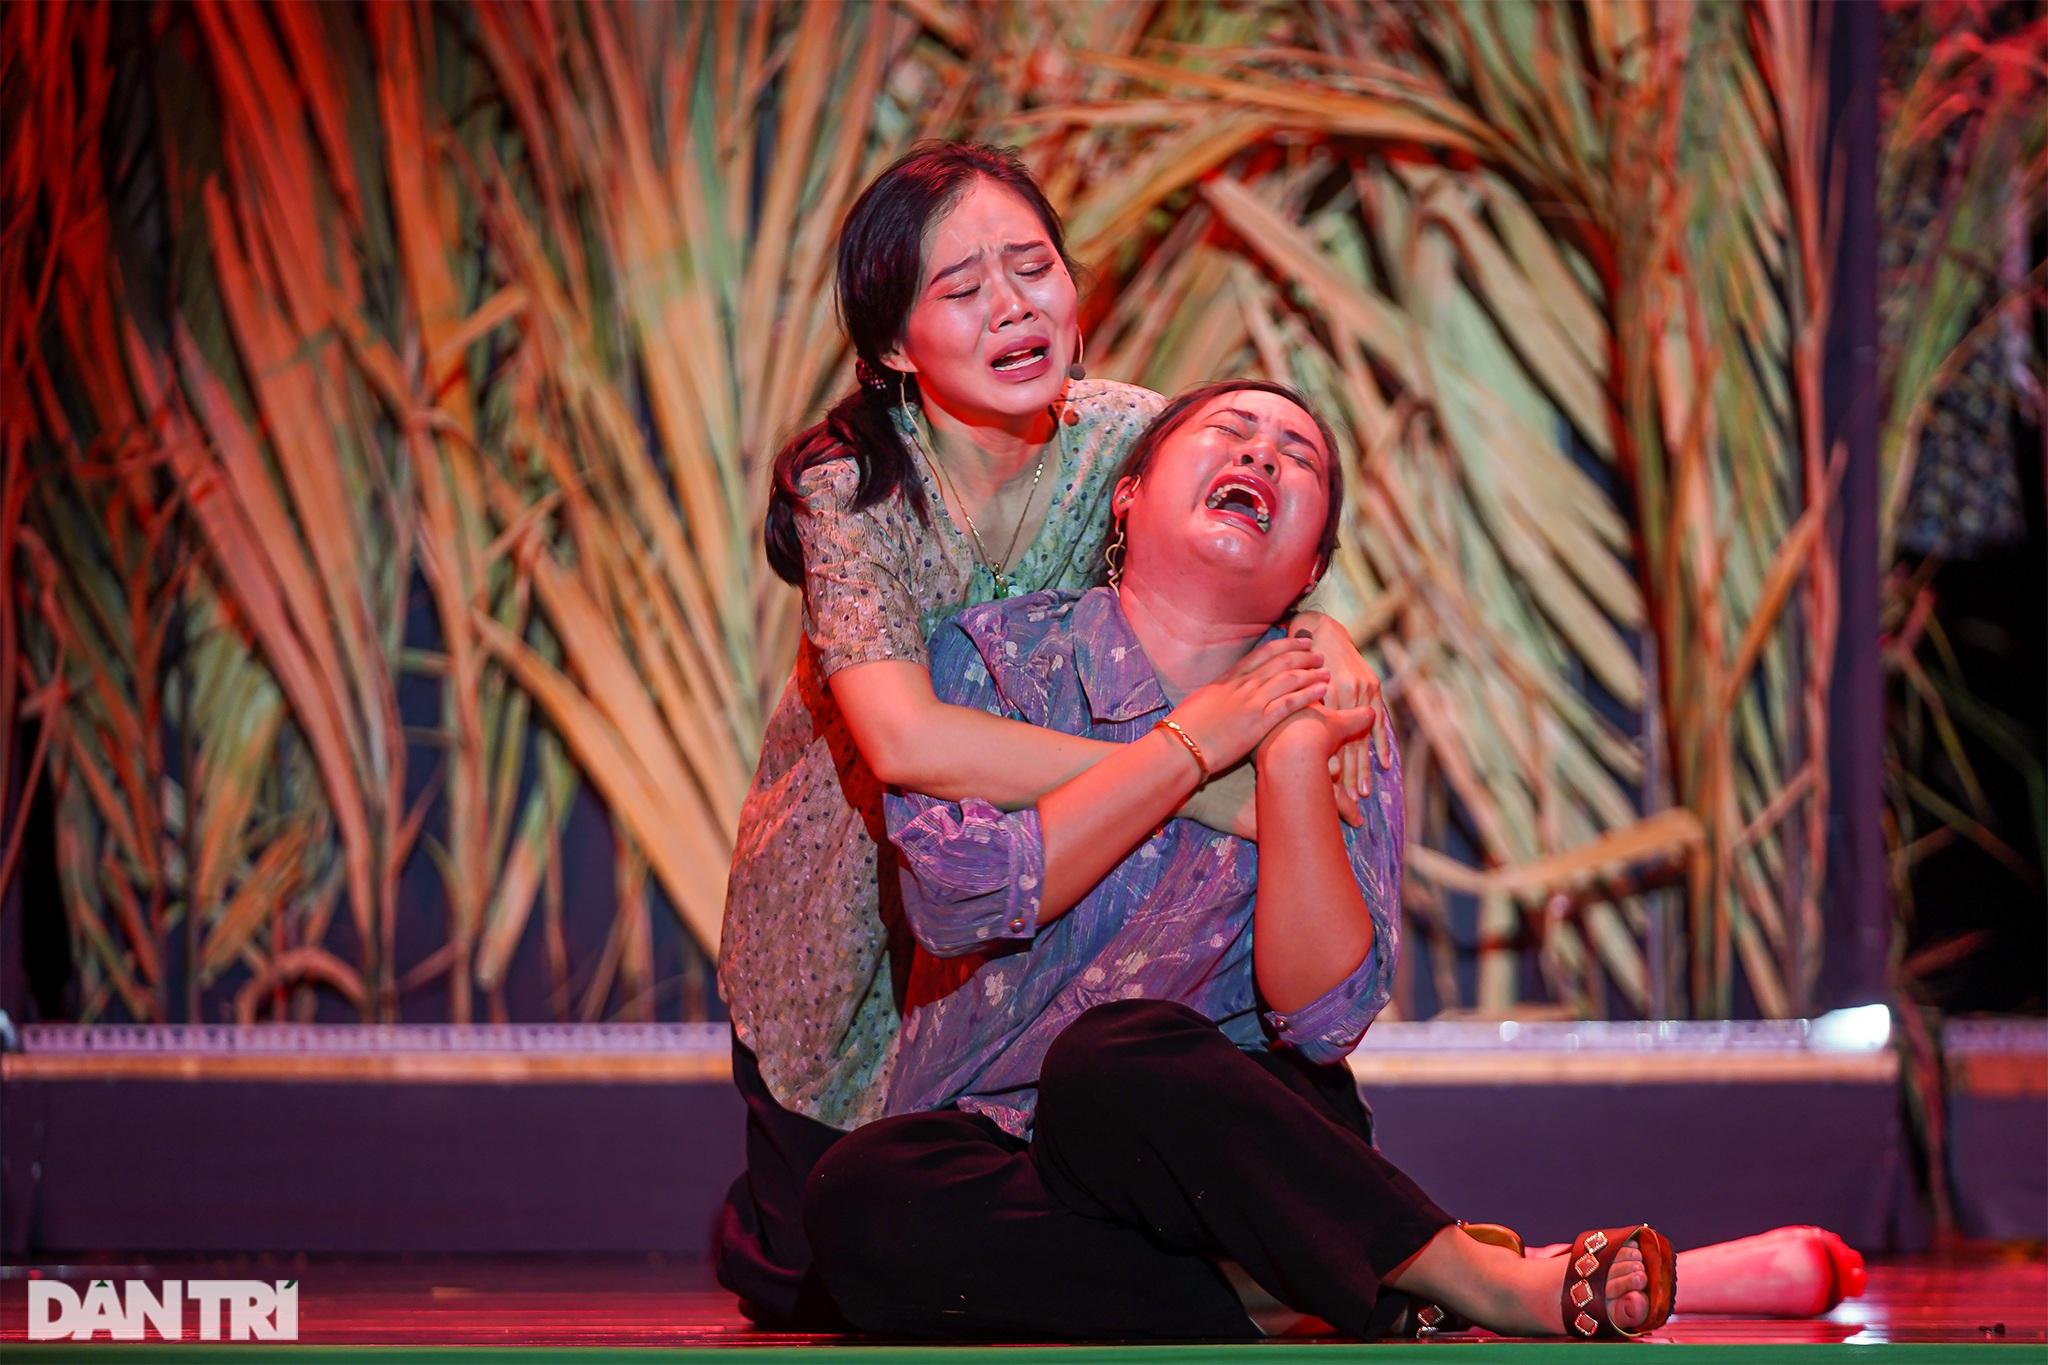 Bất ngờ khoảnh khắc: Khi sinh viên làm kịch chuyên nghiệp - 13